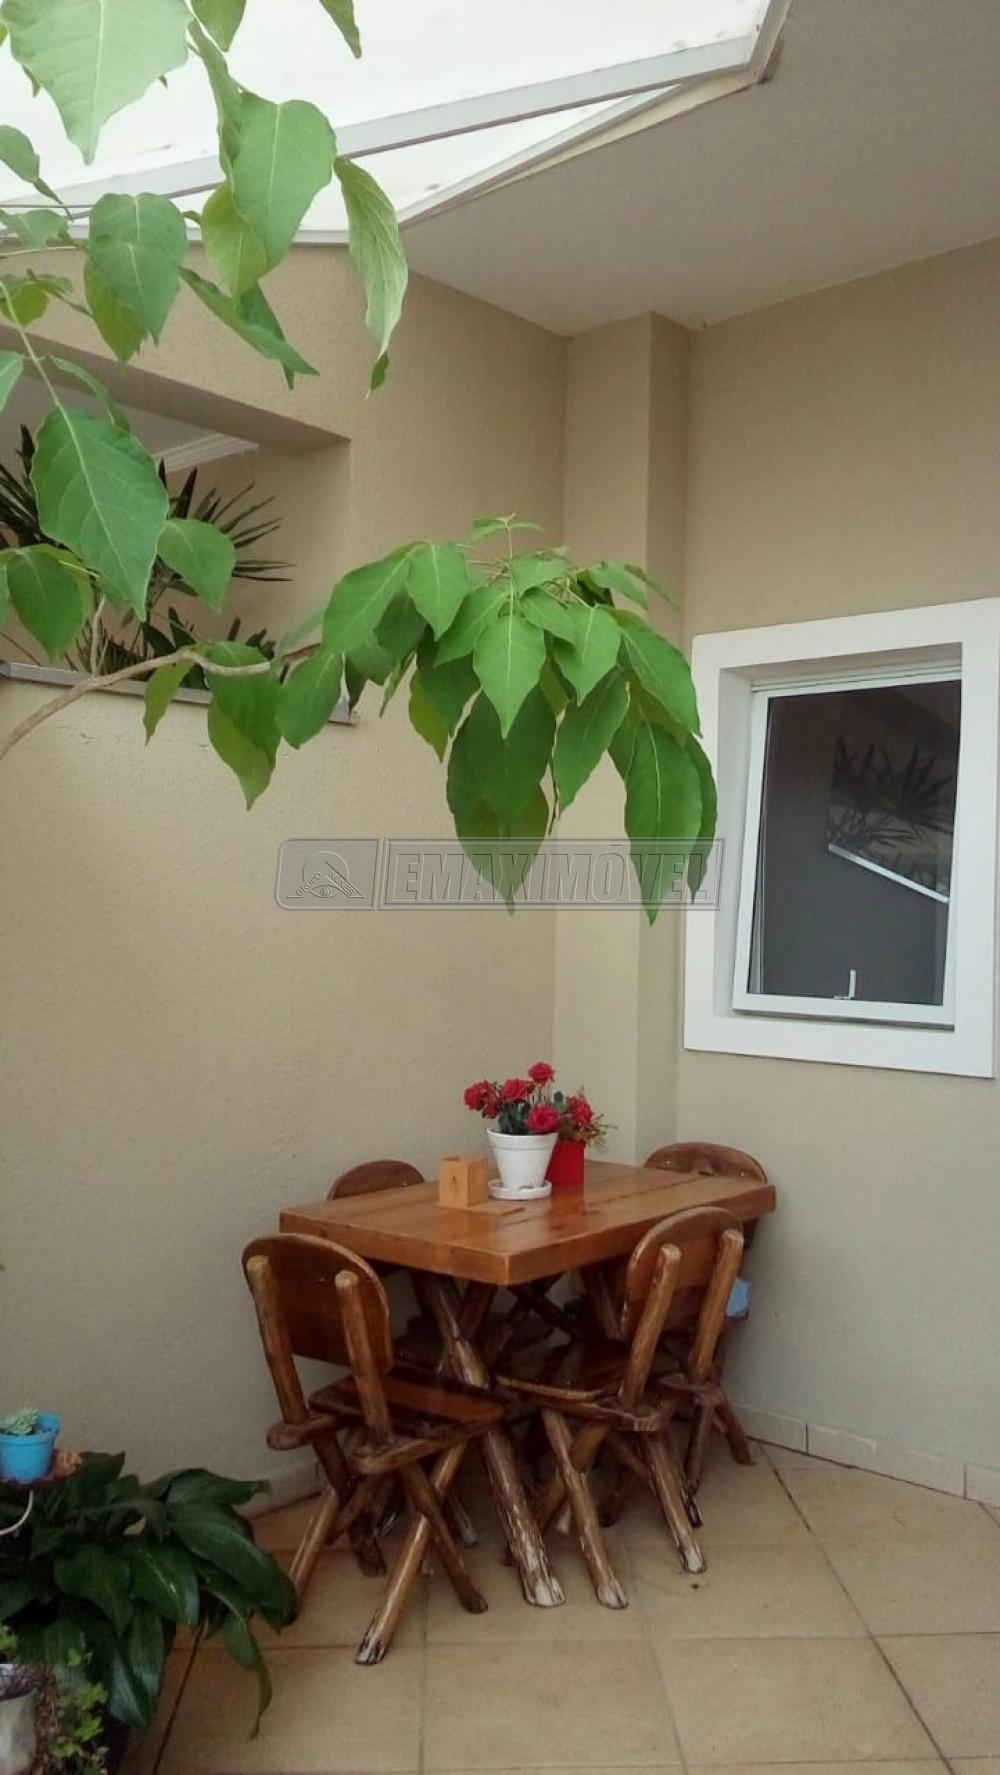 Comprar Apartamentos / Apto Padrão em Sorocaba apenas R$ 395.000,00 - Foto 19